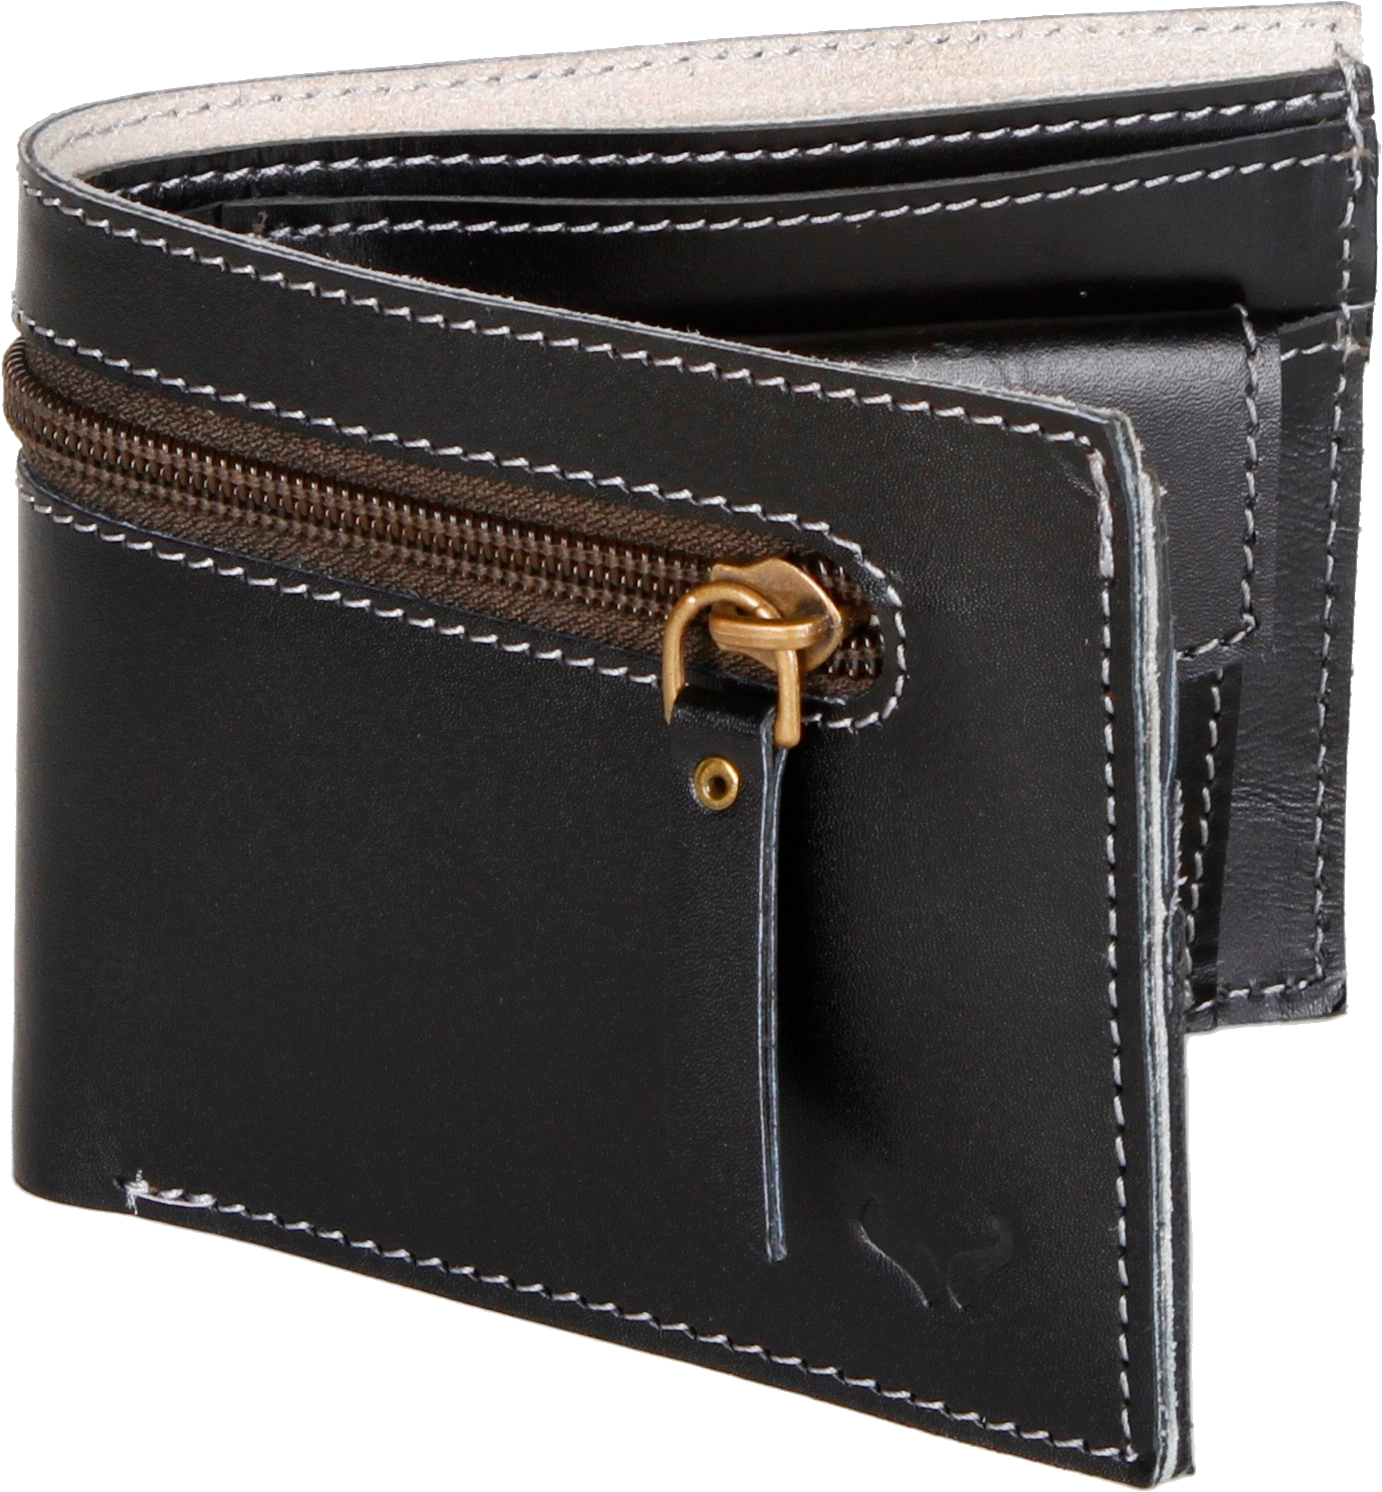 Wallet PNG image - Nagmamano PNG